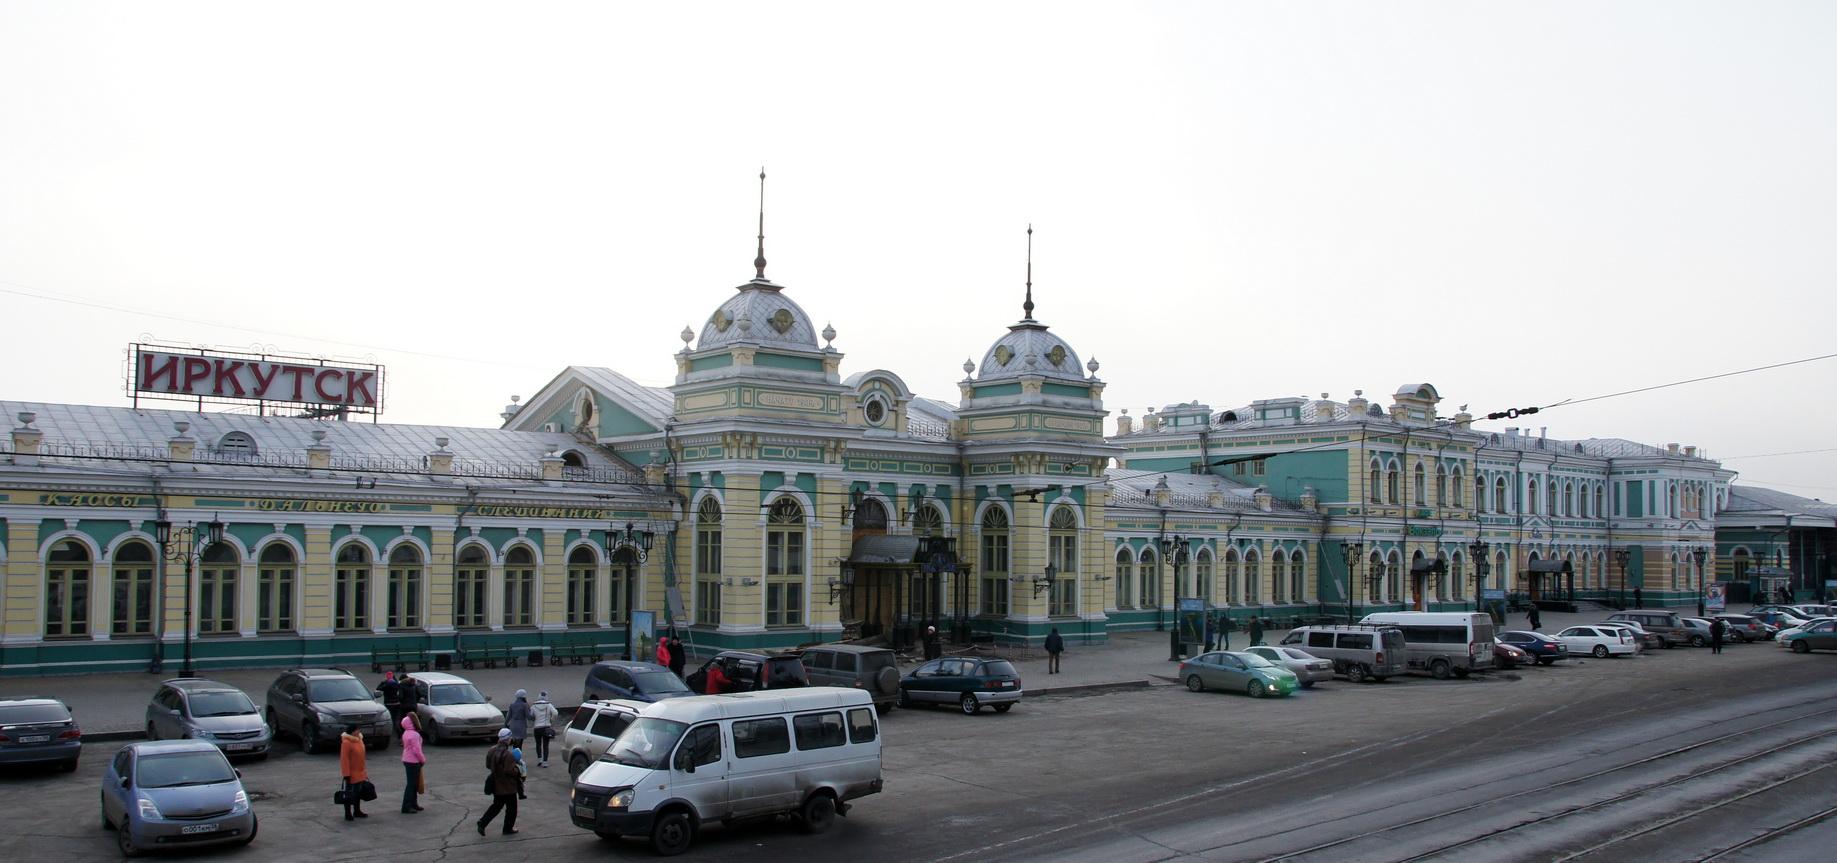 Фотографии города иркутск вокзал